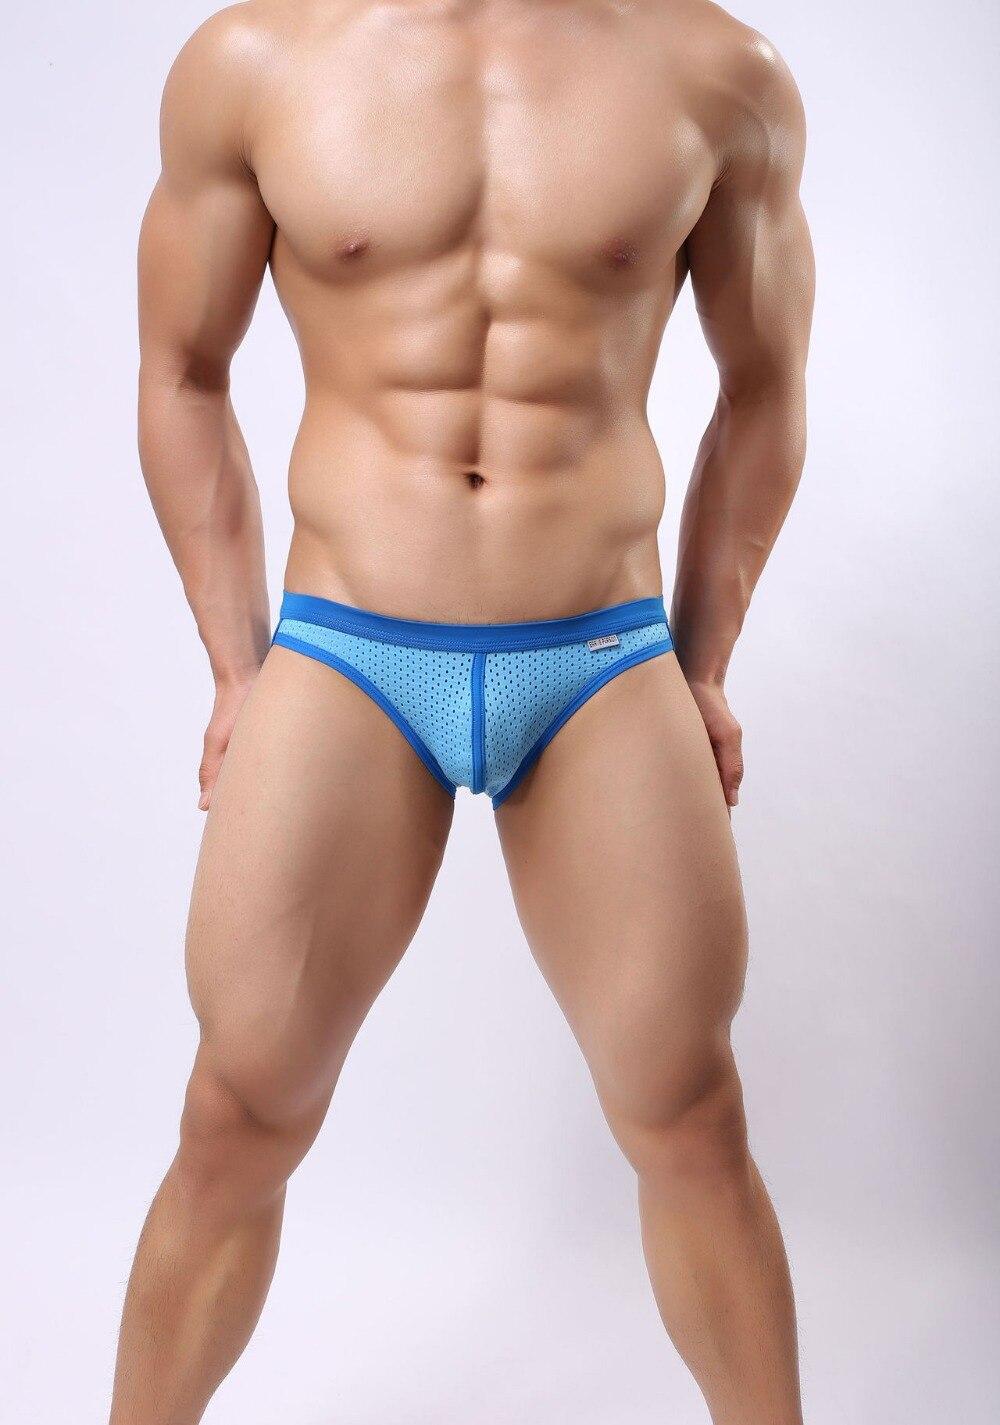 Underwear Men Briefs High Quality Brand Underwear Briefs Shorts Mens Bikinis Men Sexy Mesh Briefs 6 Color Sale